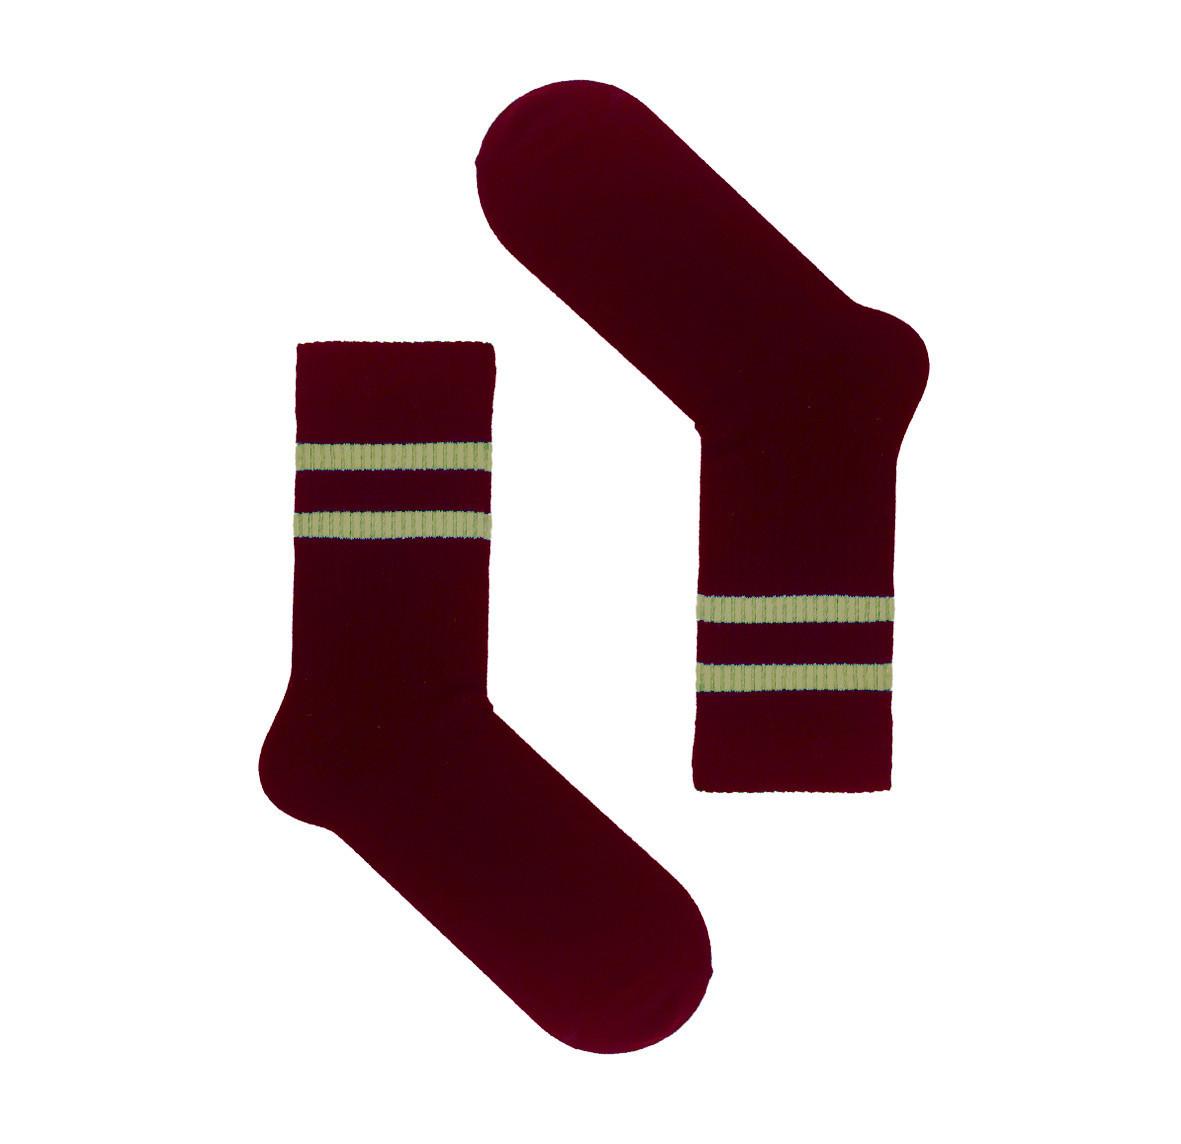 ВЫСОКИЕ носки бордового цвета с хаки полосками